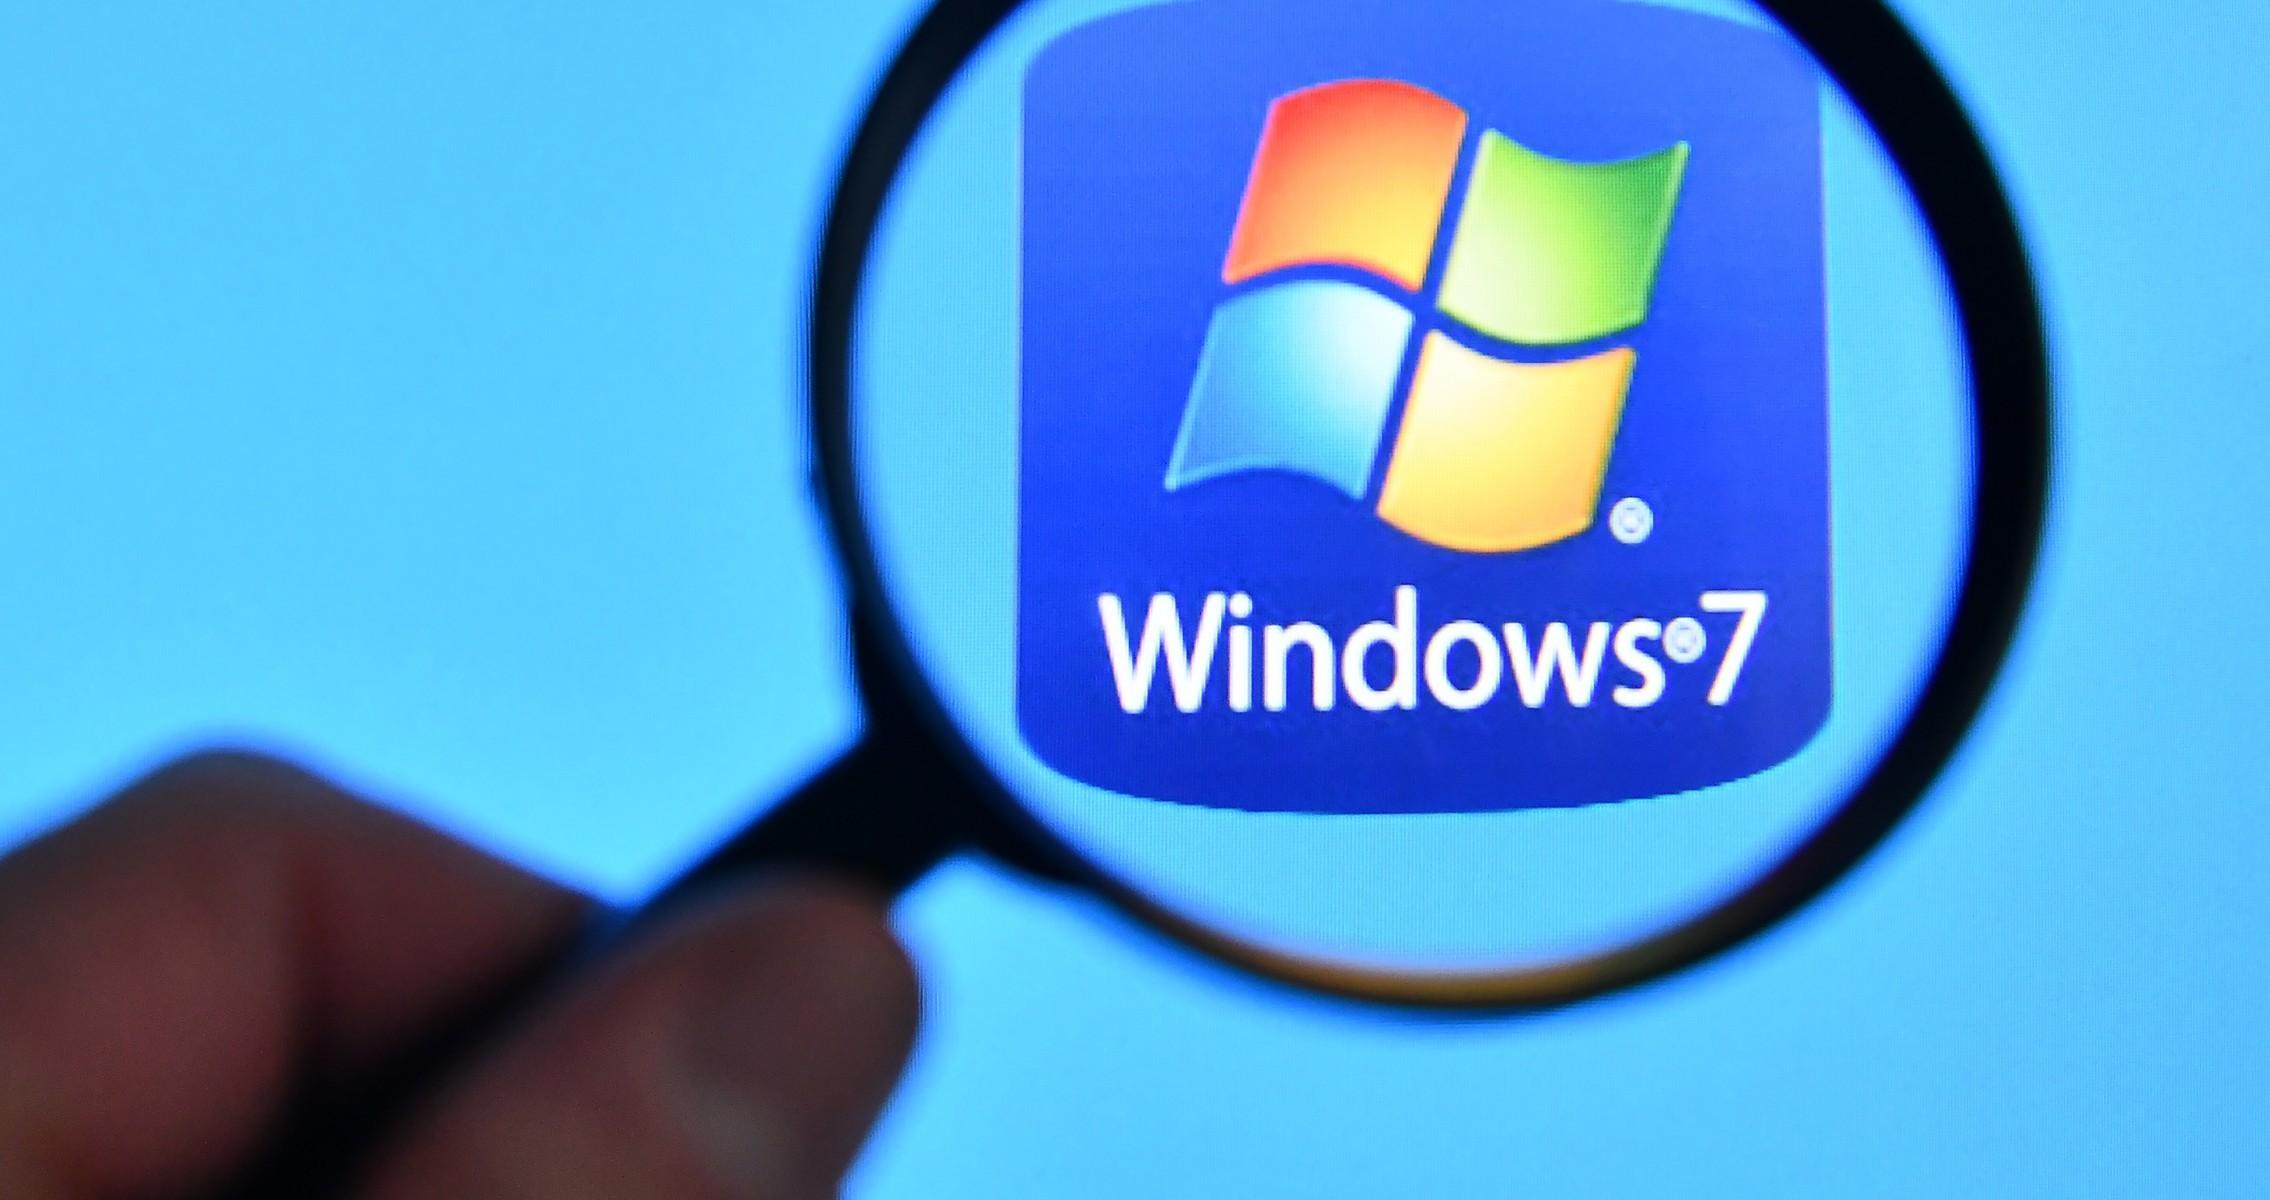 Германия будет платить Microsoft за продолжение поддержки Windows 7